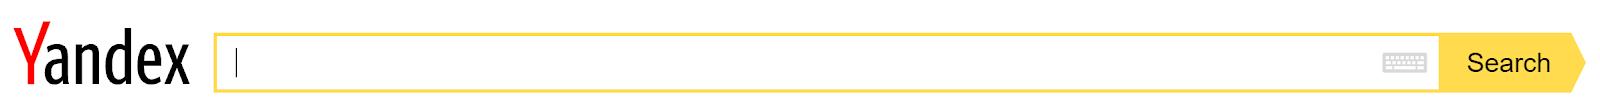 pozycjonowanie w wyszukiwarce yandex